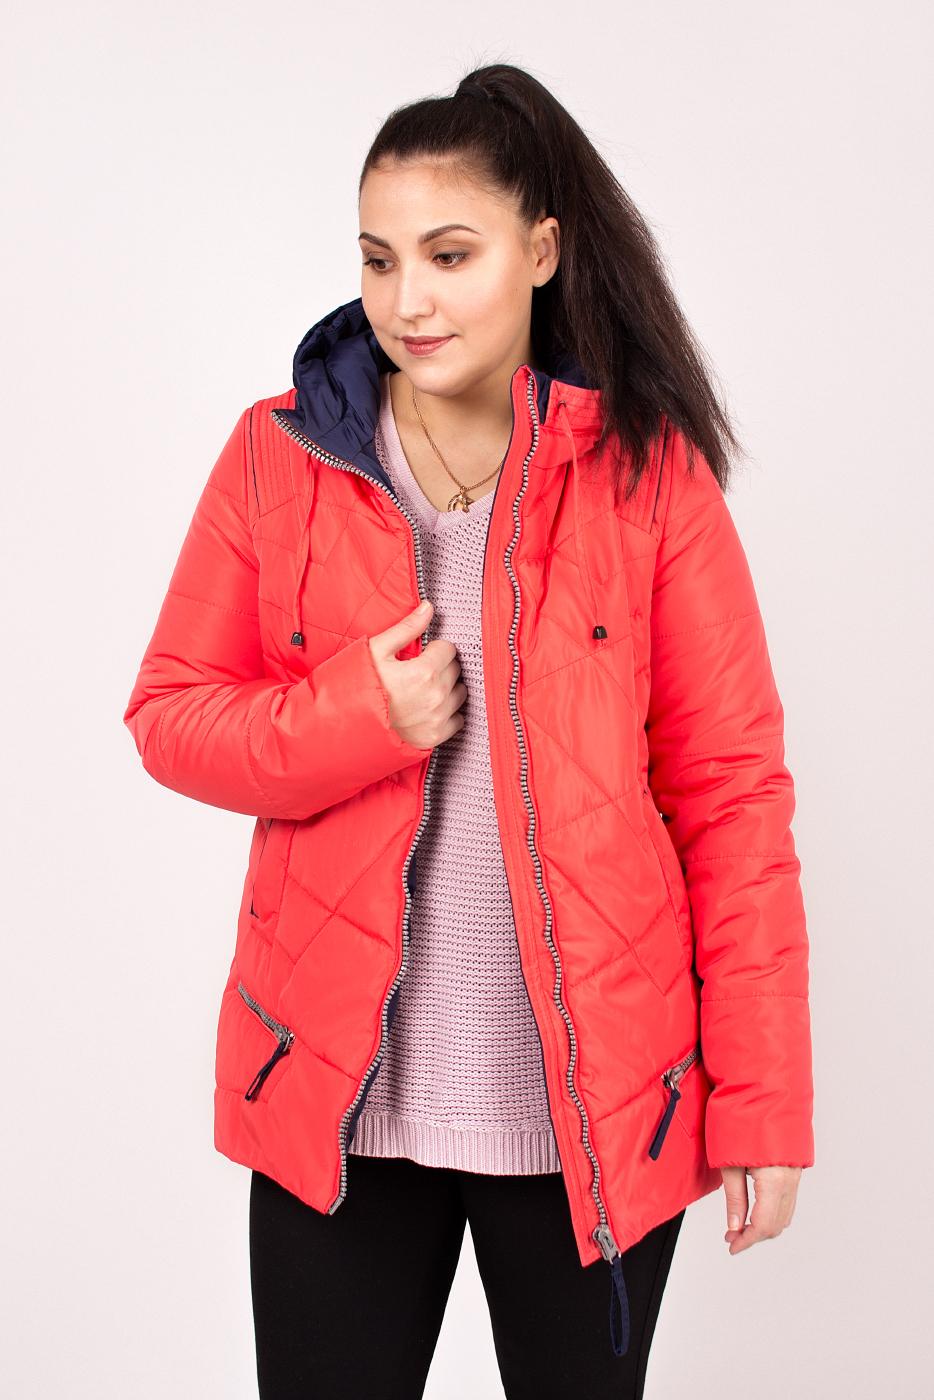 Купить Куртку Женскую Весеннюю В Москве